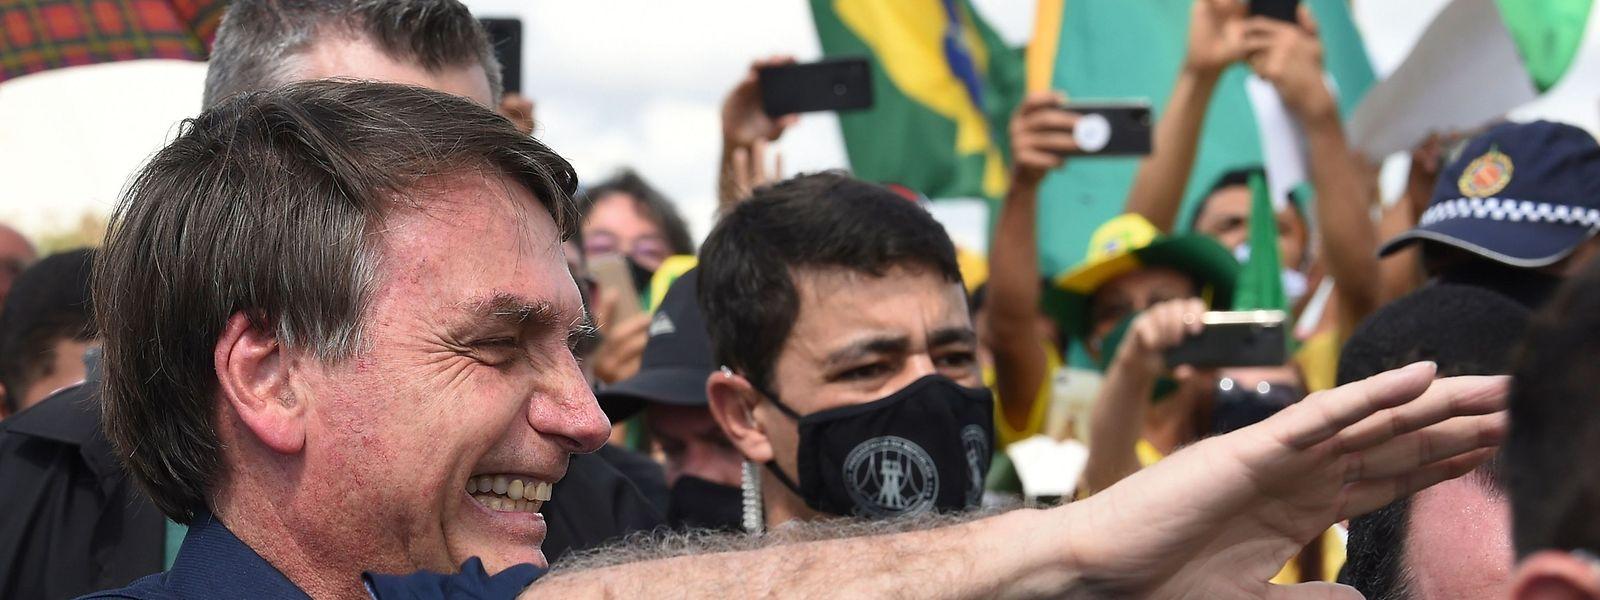 Jair Bolsonaro auf einem Treffen mit Anhängern.